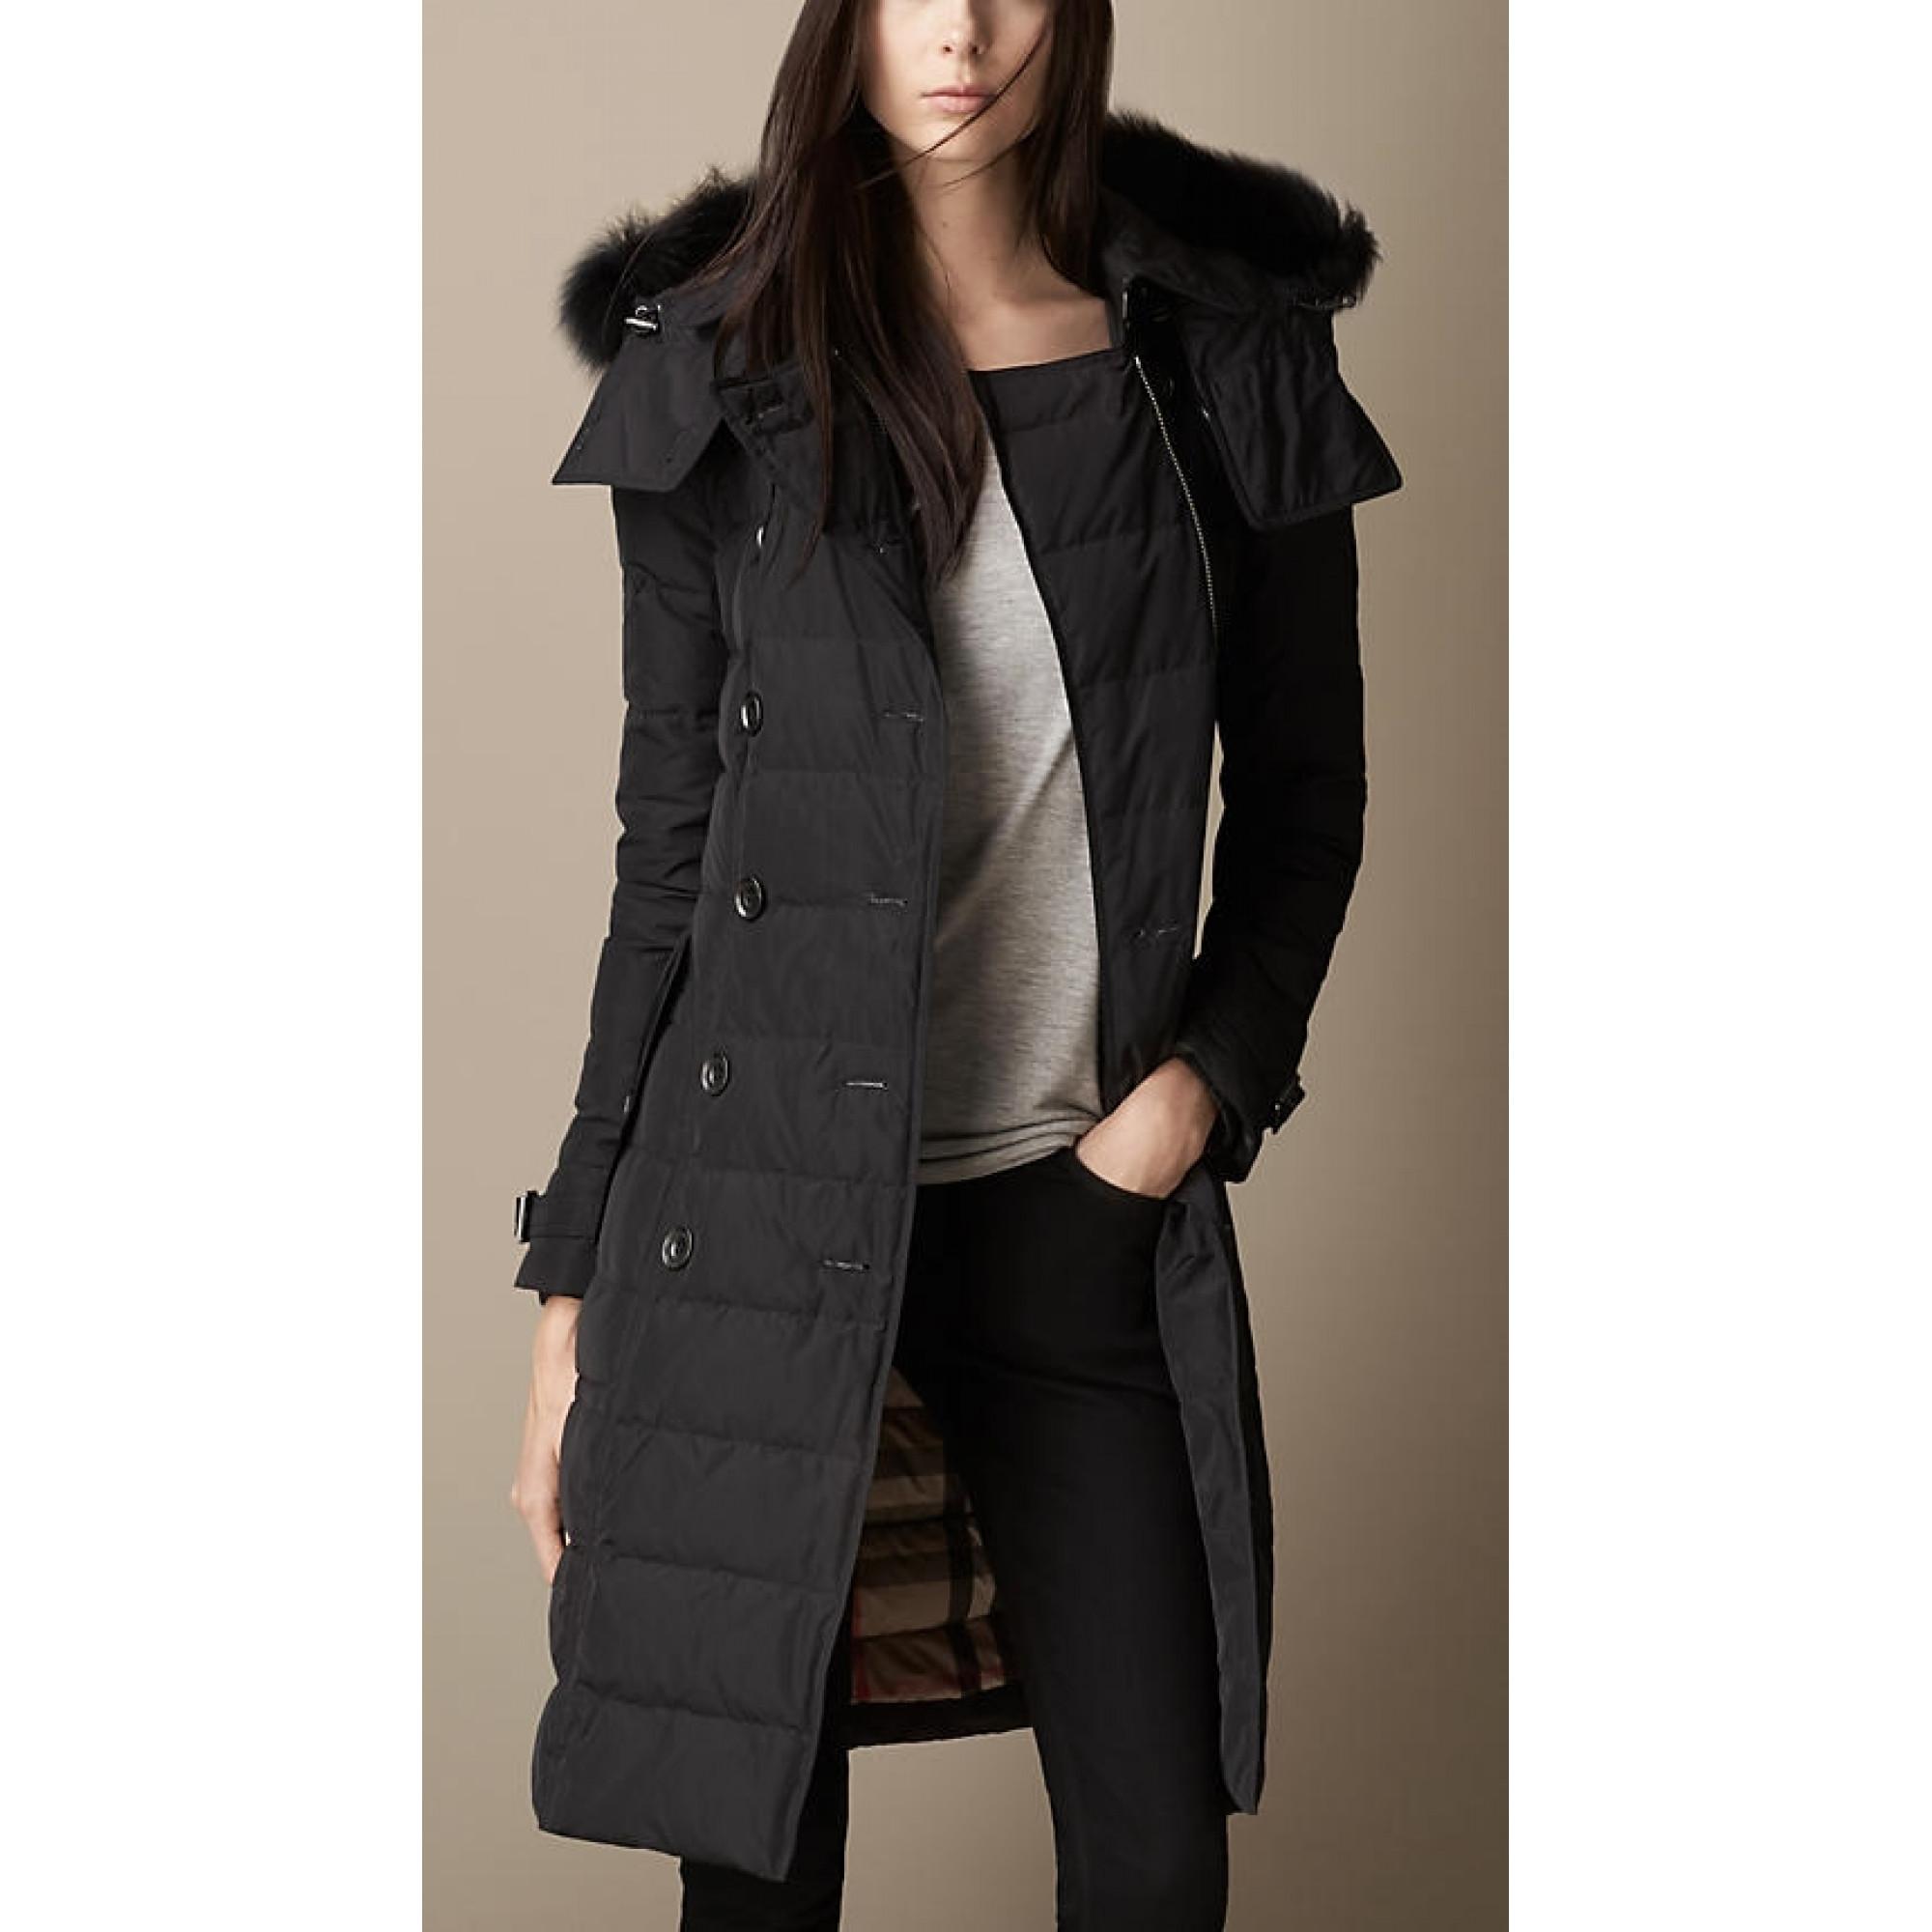 Купить черное женское пальто Burberry 2017 — в Киеве, код товара 19379 9484261201e